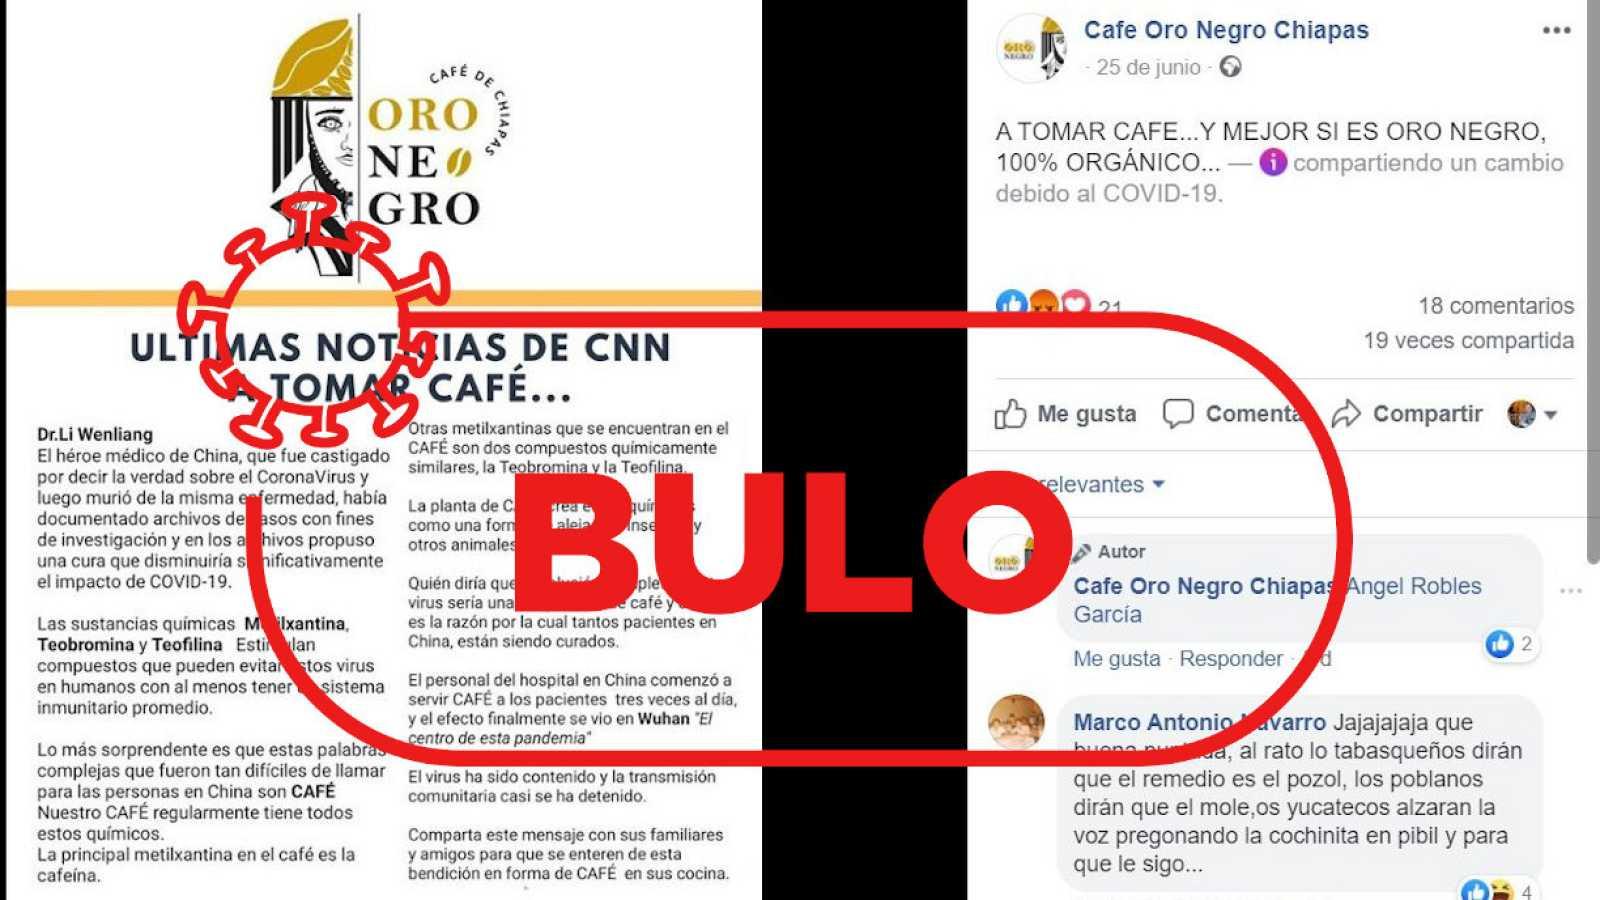 Captura de la publicación en la página de Facebook con el bulo sobre el café y el sello de Verifica RTVE.